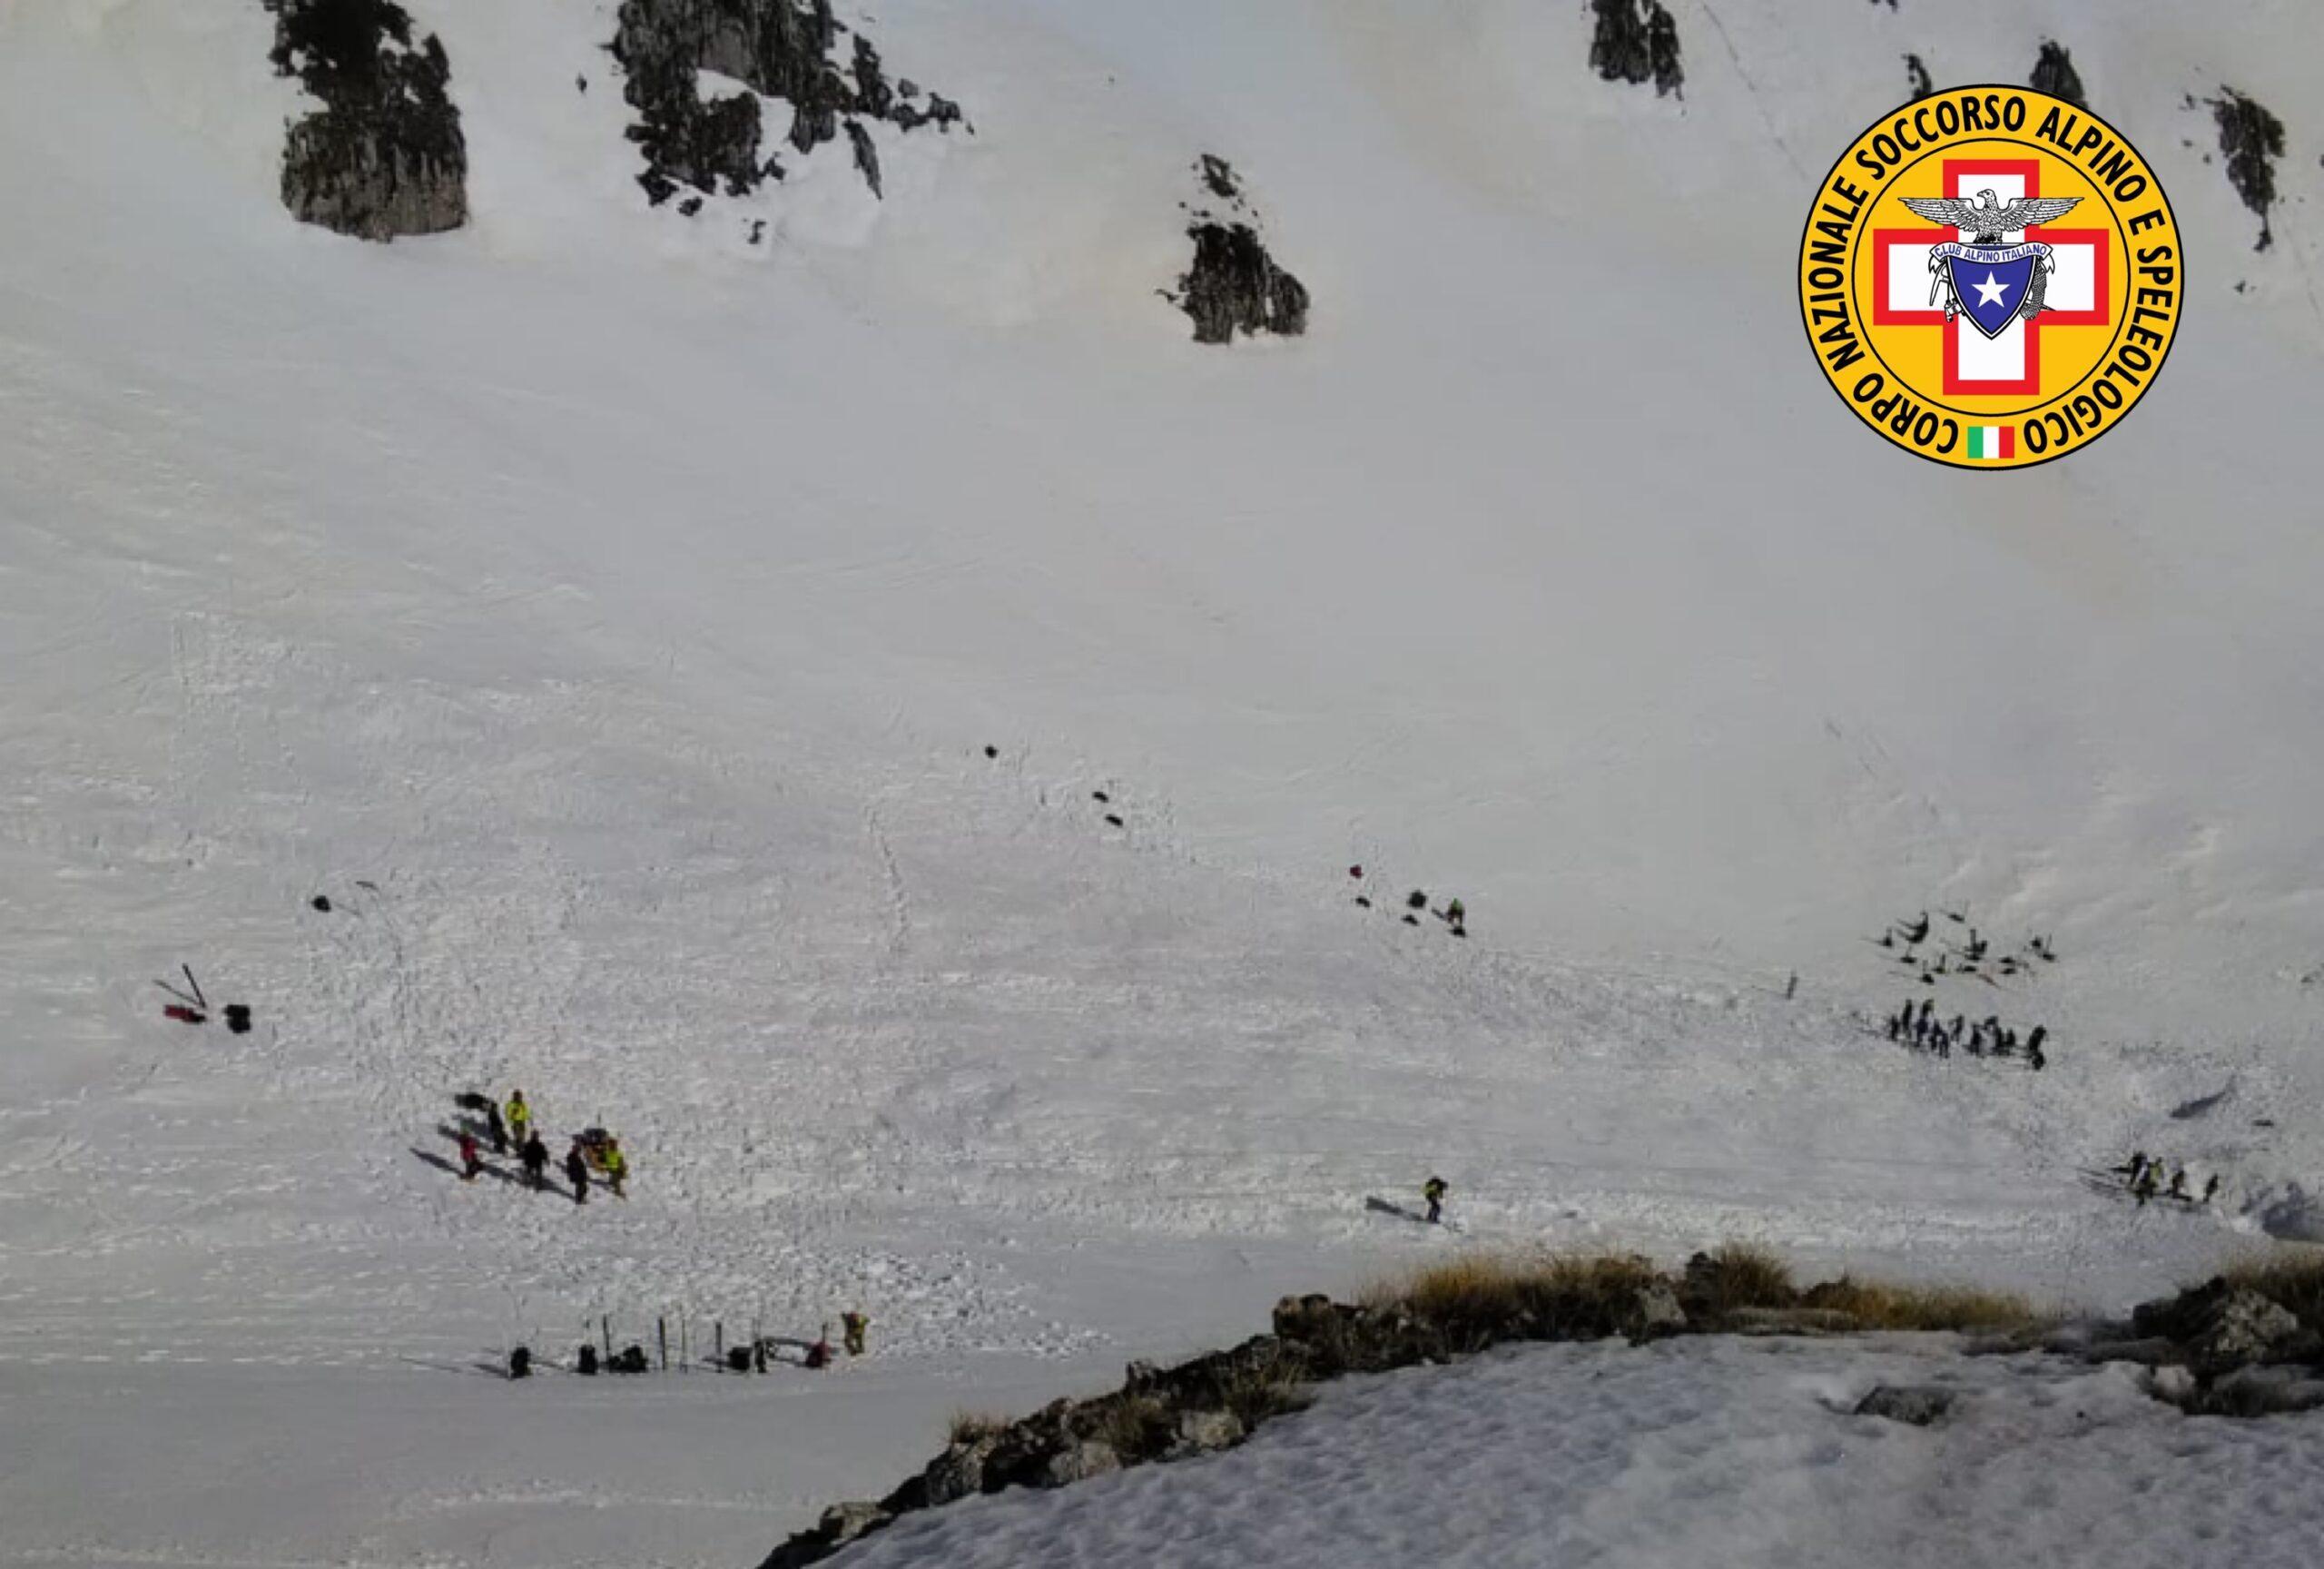 Riprese le ricerche dei 4 escursionisti dispersi sul Monte Velino con le squadre di terra